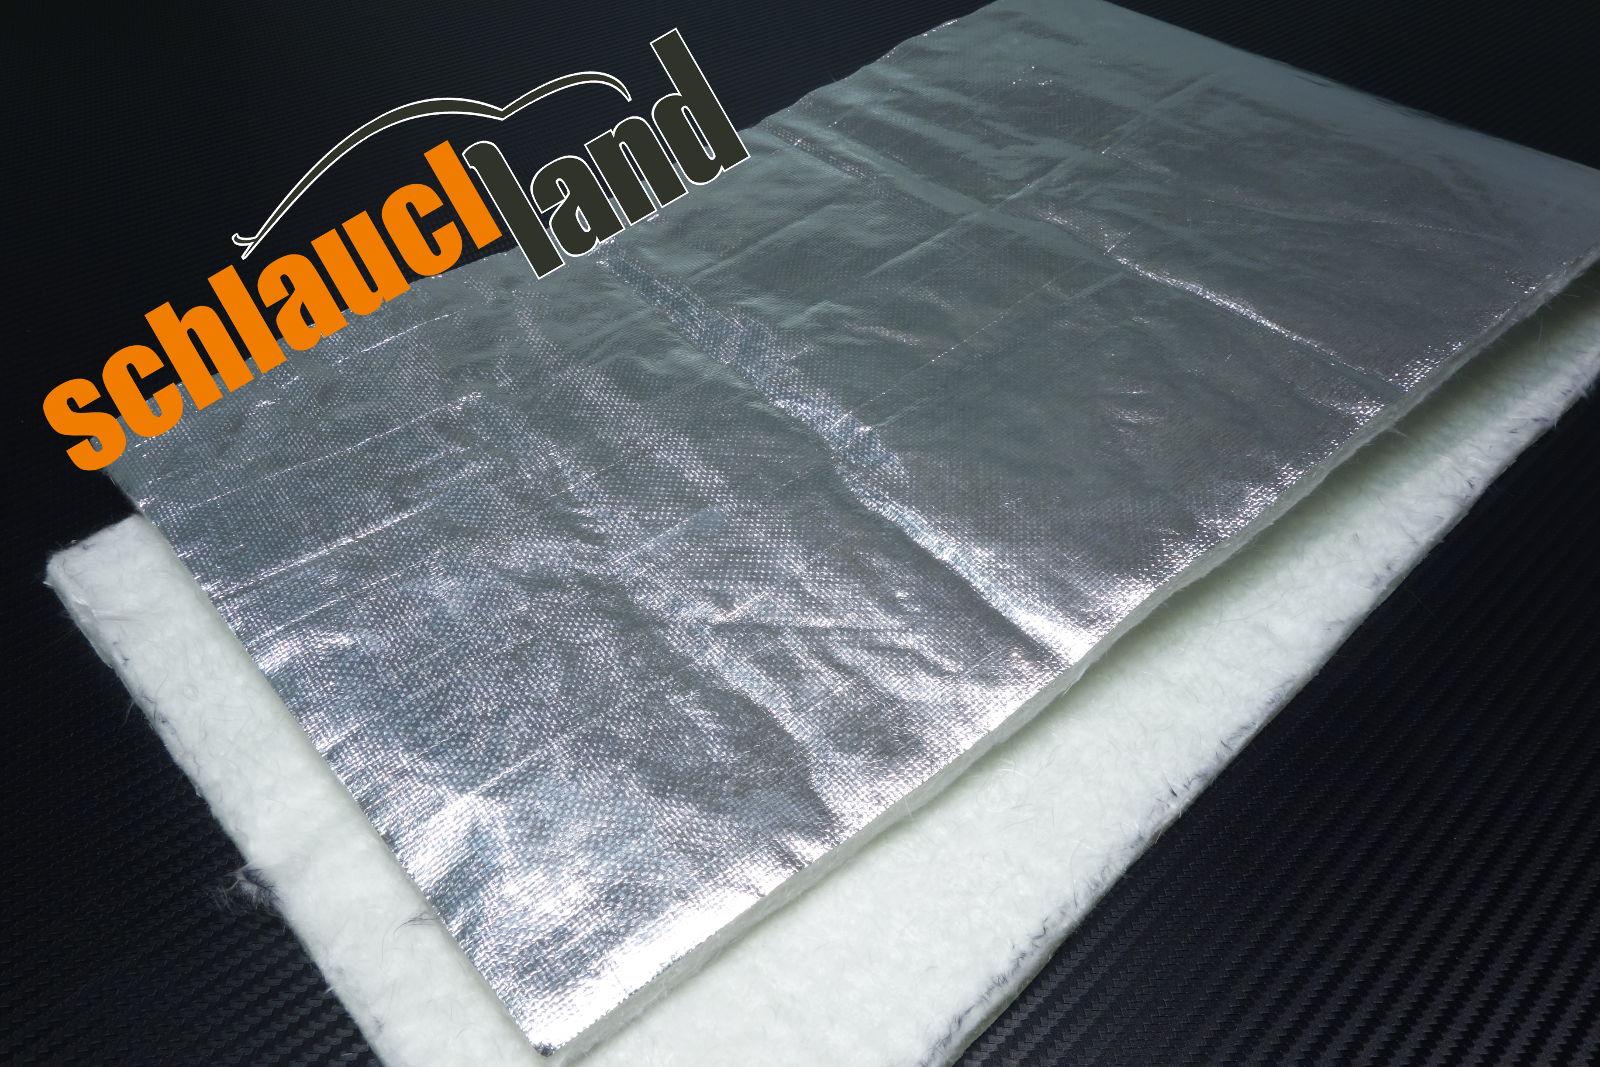 Hitzeschutzmatte 10mm Alu-Keramik  0,5m x 0,5m